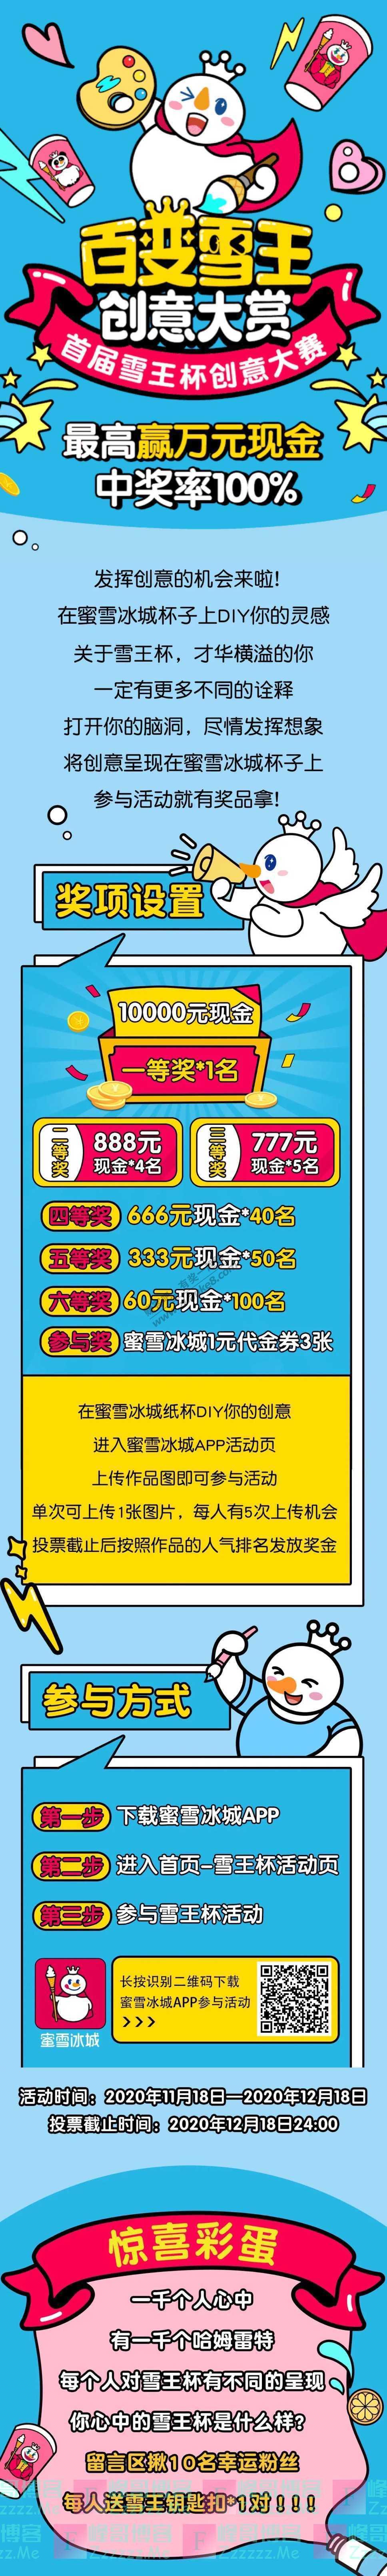 蜜雪冰城蜜雪冰城首届雪王杯创意大赛,最高万元奖金…(12月18日截止)